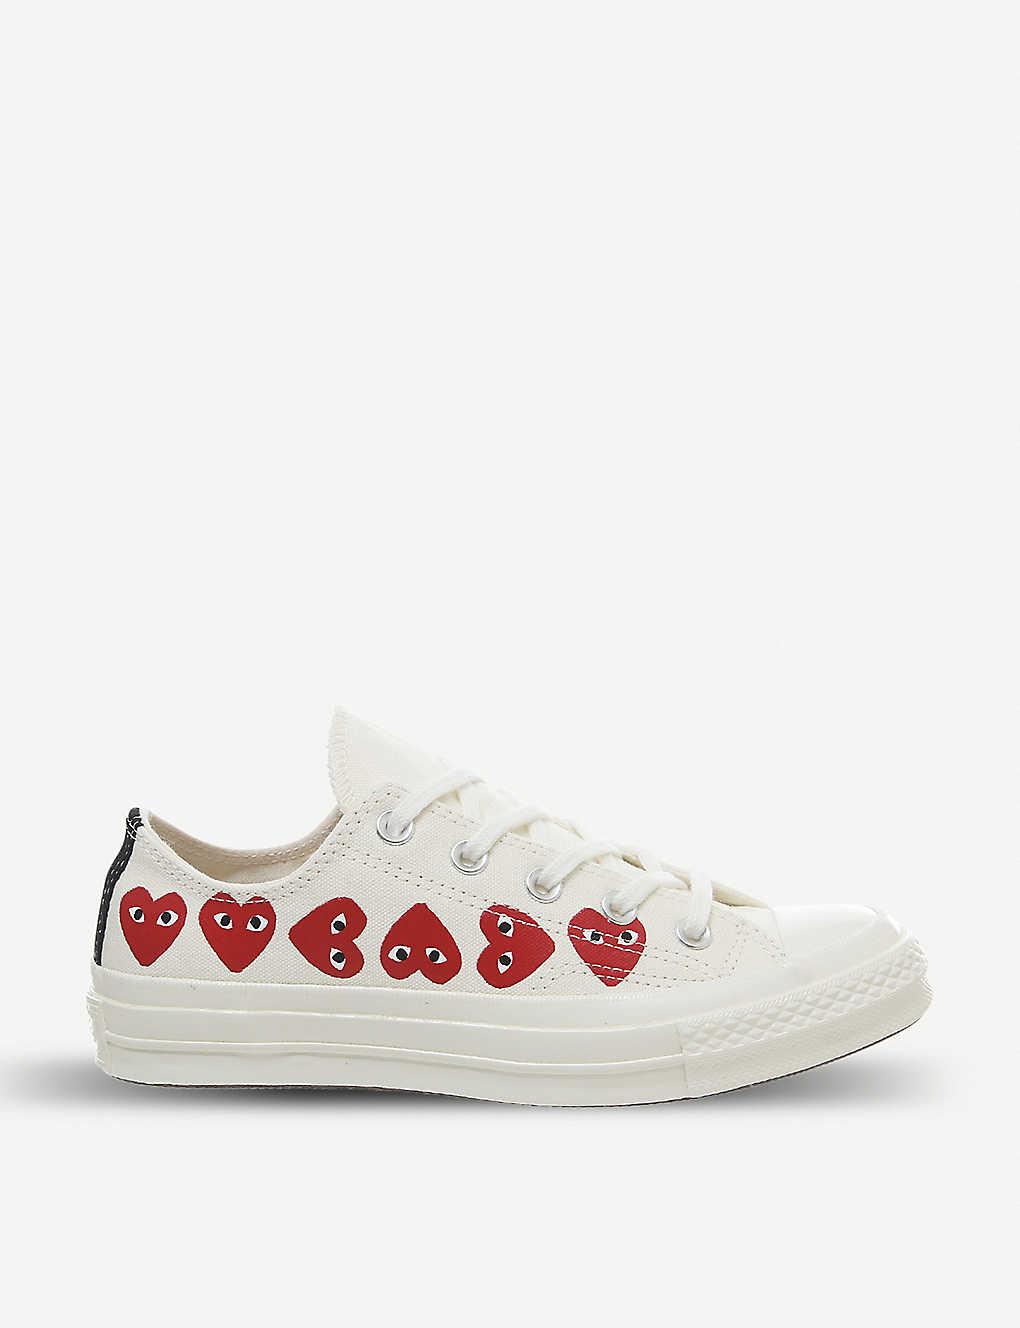 Comme des Garçons x Converse heart-print canvas trainers